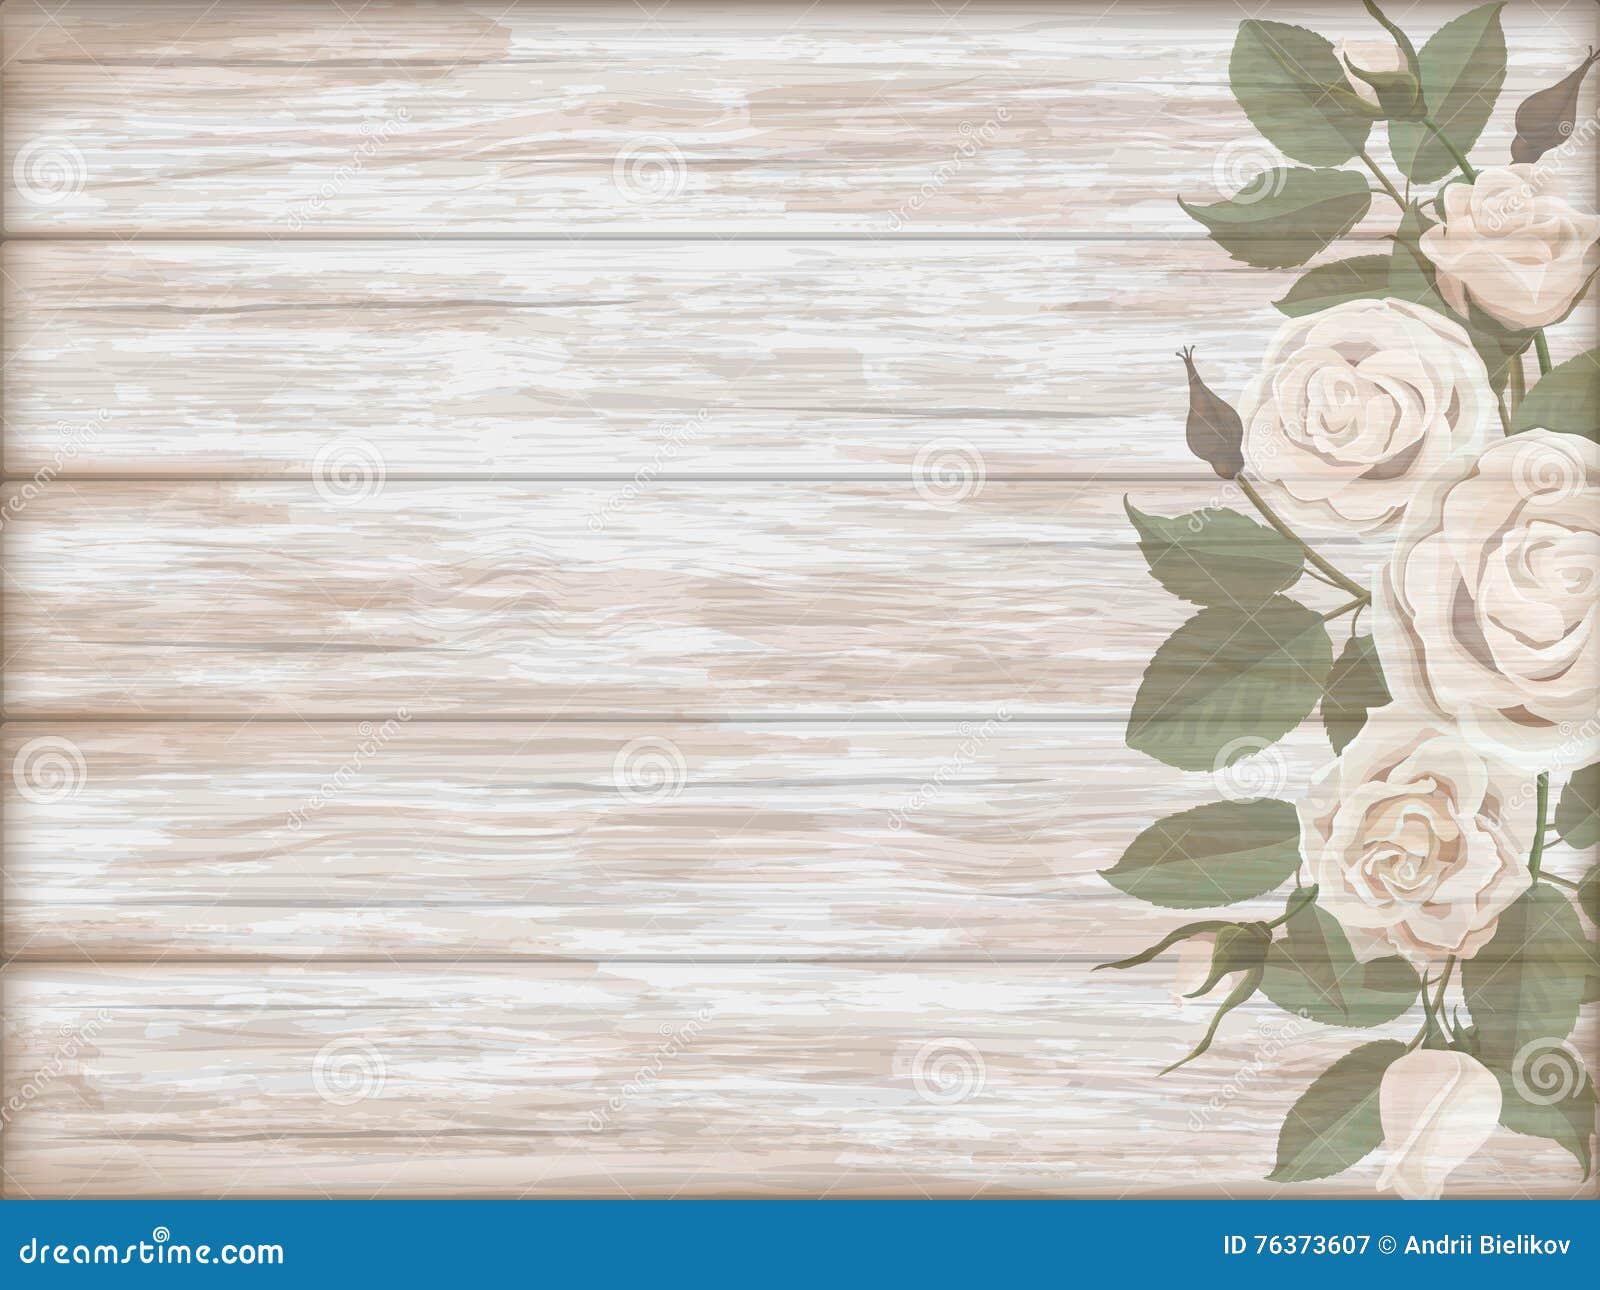 Fondo De Madera Vintage Con Flores Blancas Manzana Y: Brote De Madera De La Rosa Del Blanco Del Fondo Del